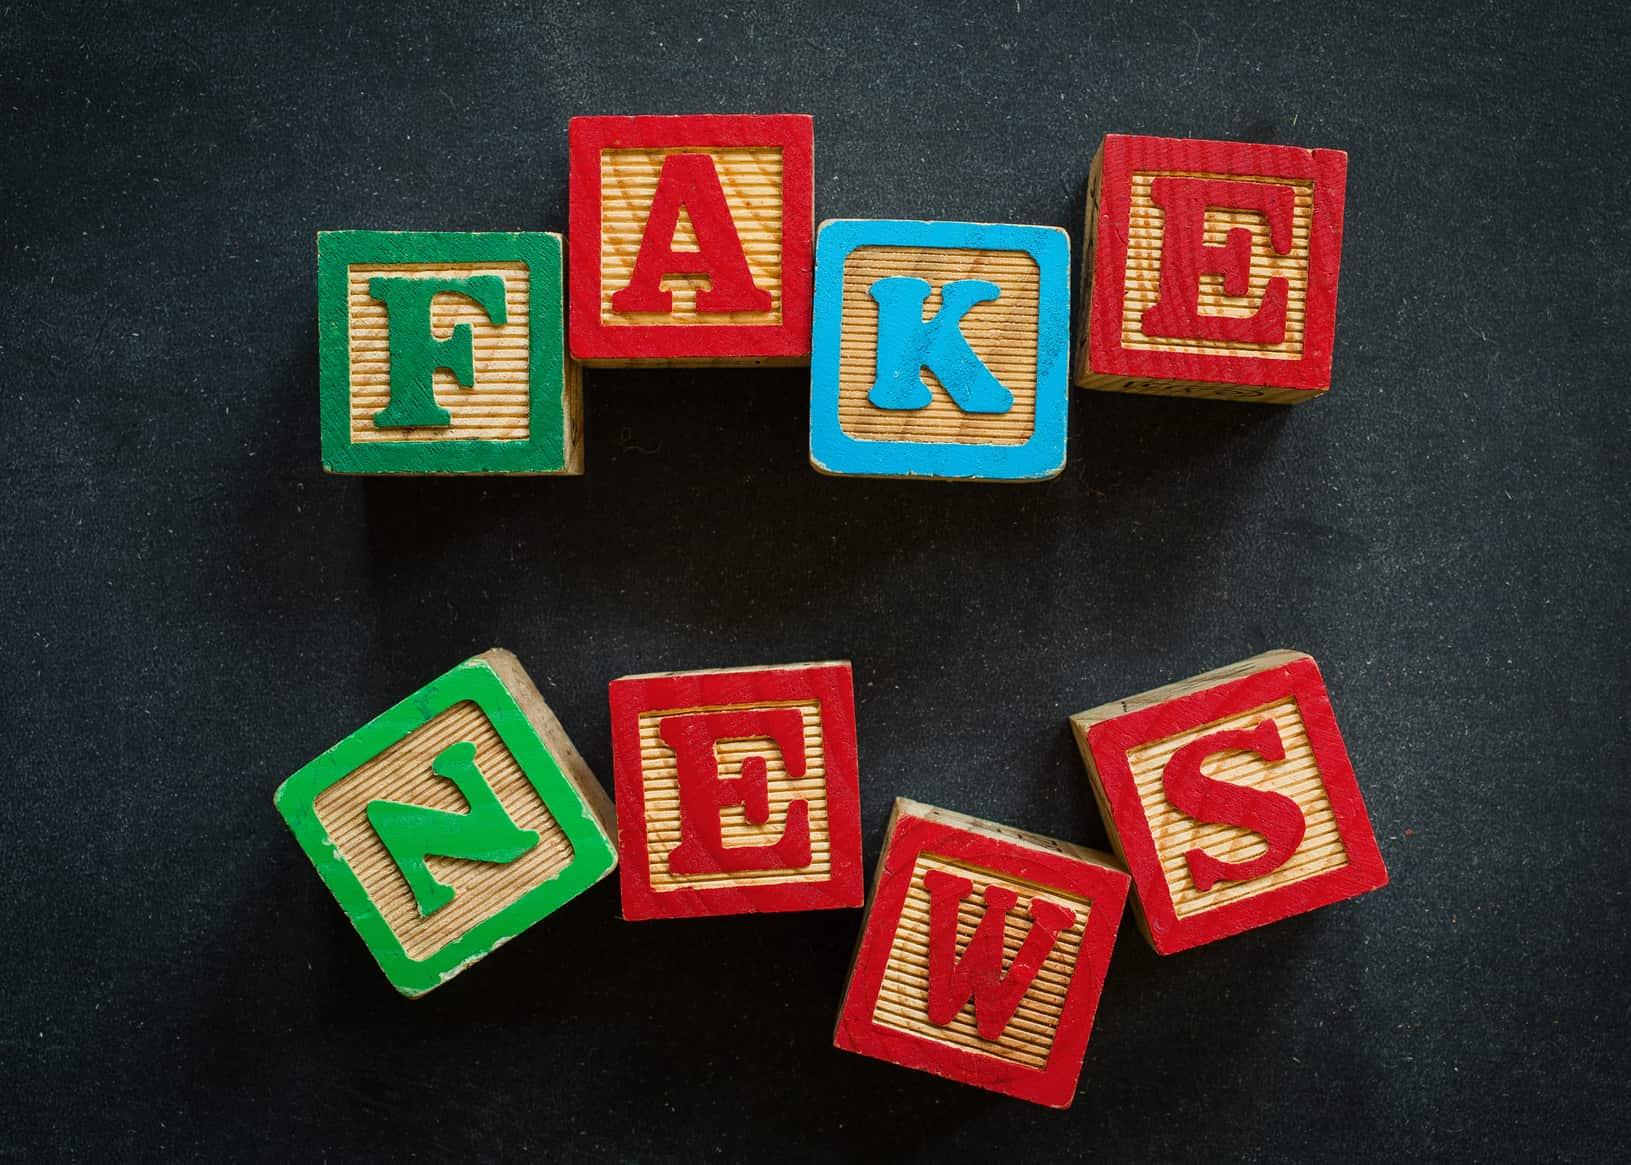 Trump amenazó con revocar la licencia de transmisión a la cadena de televisión NBC y otros medios de prensa a los que acusa de emitirnoticias falsas.